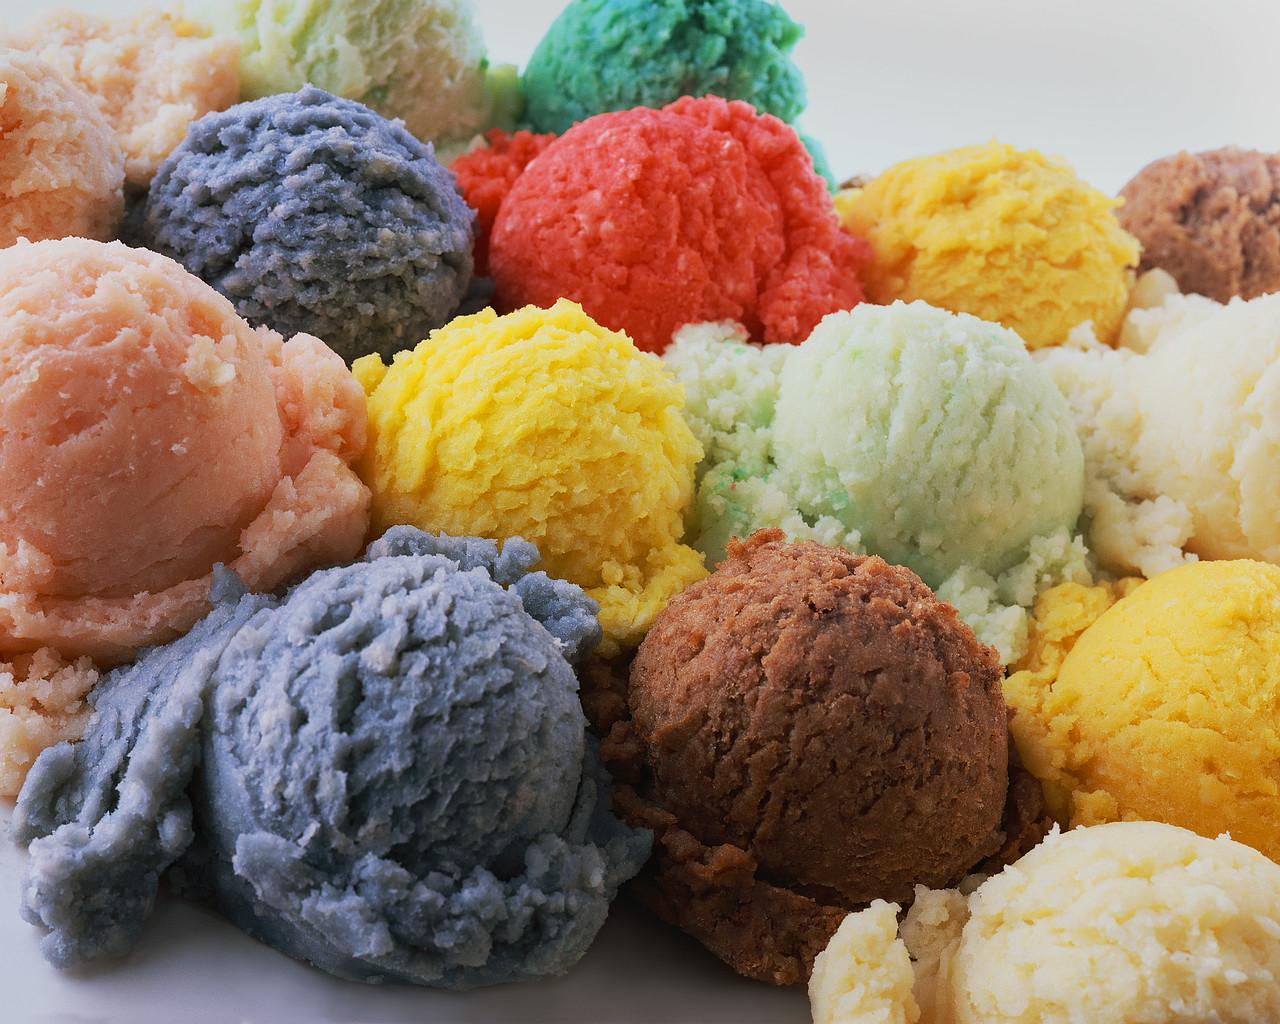 Distribuidor de Helados: Por qué el helado es el postre preferido